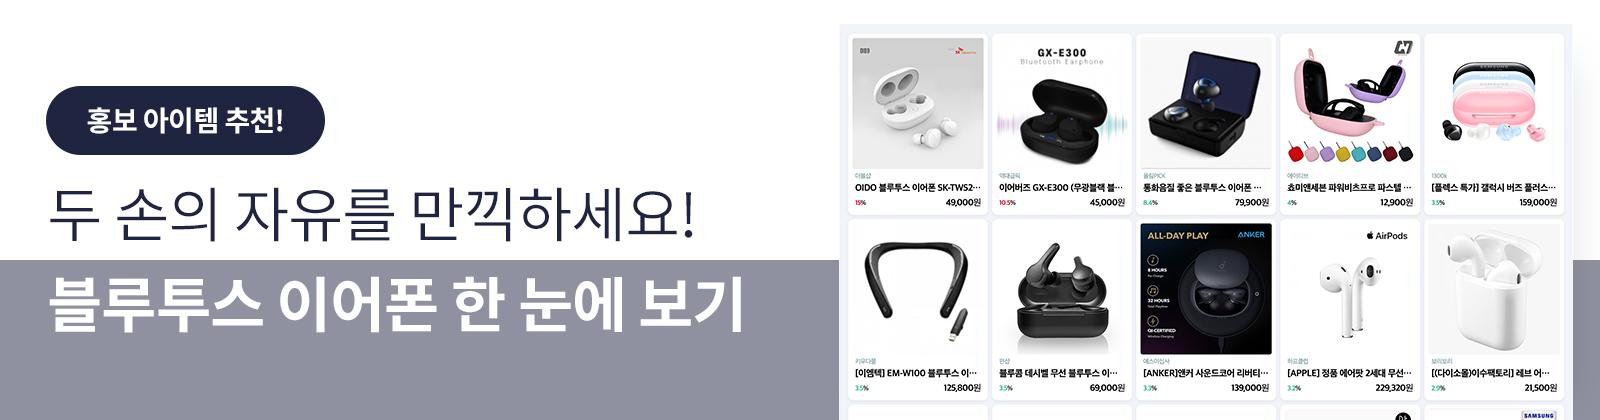 홍보 아이템 추천 (블루투스 이어폰)